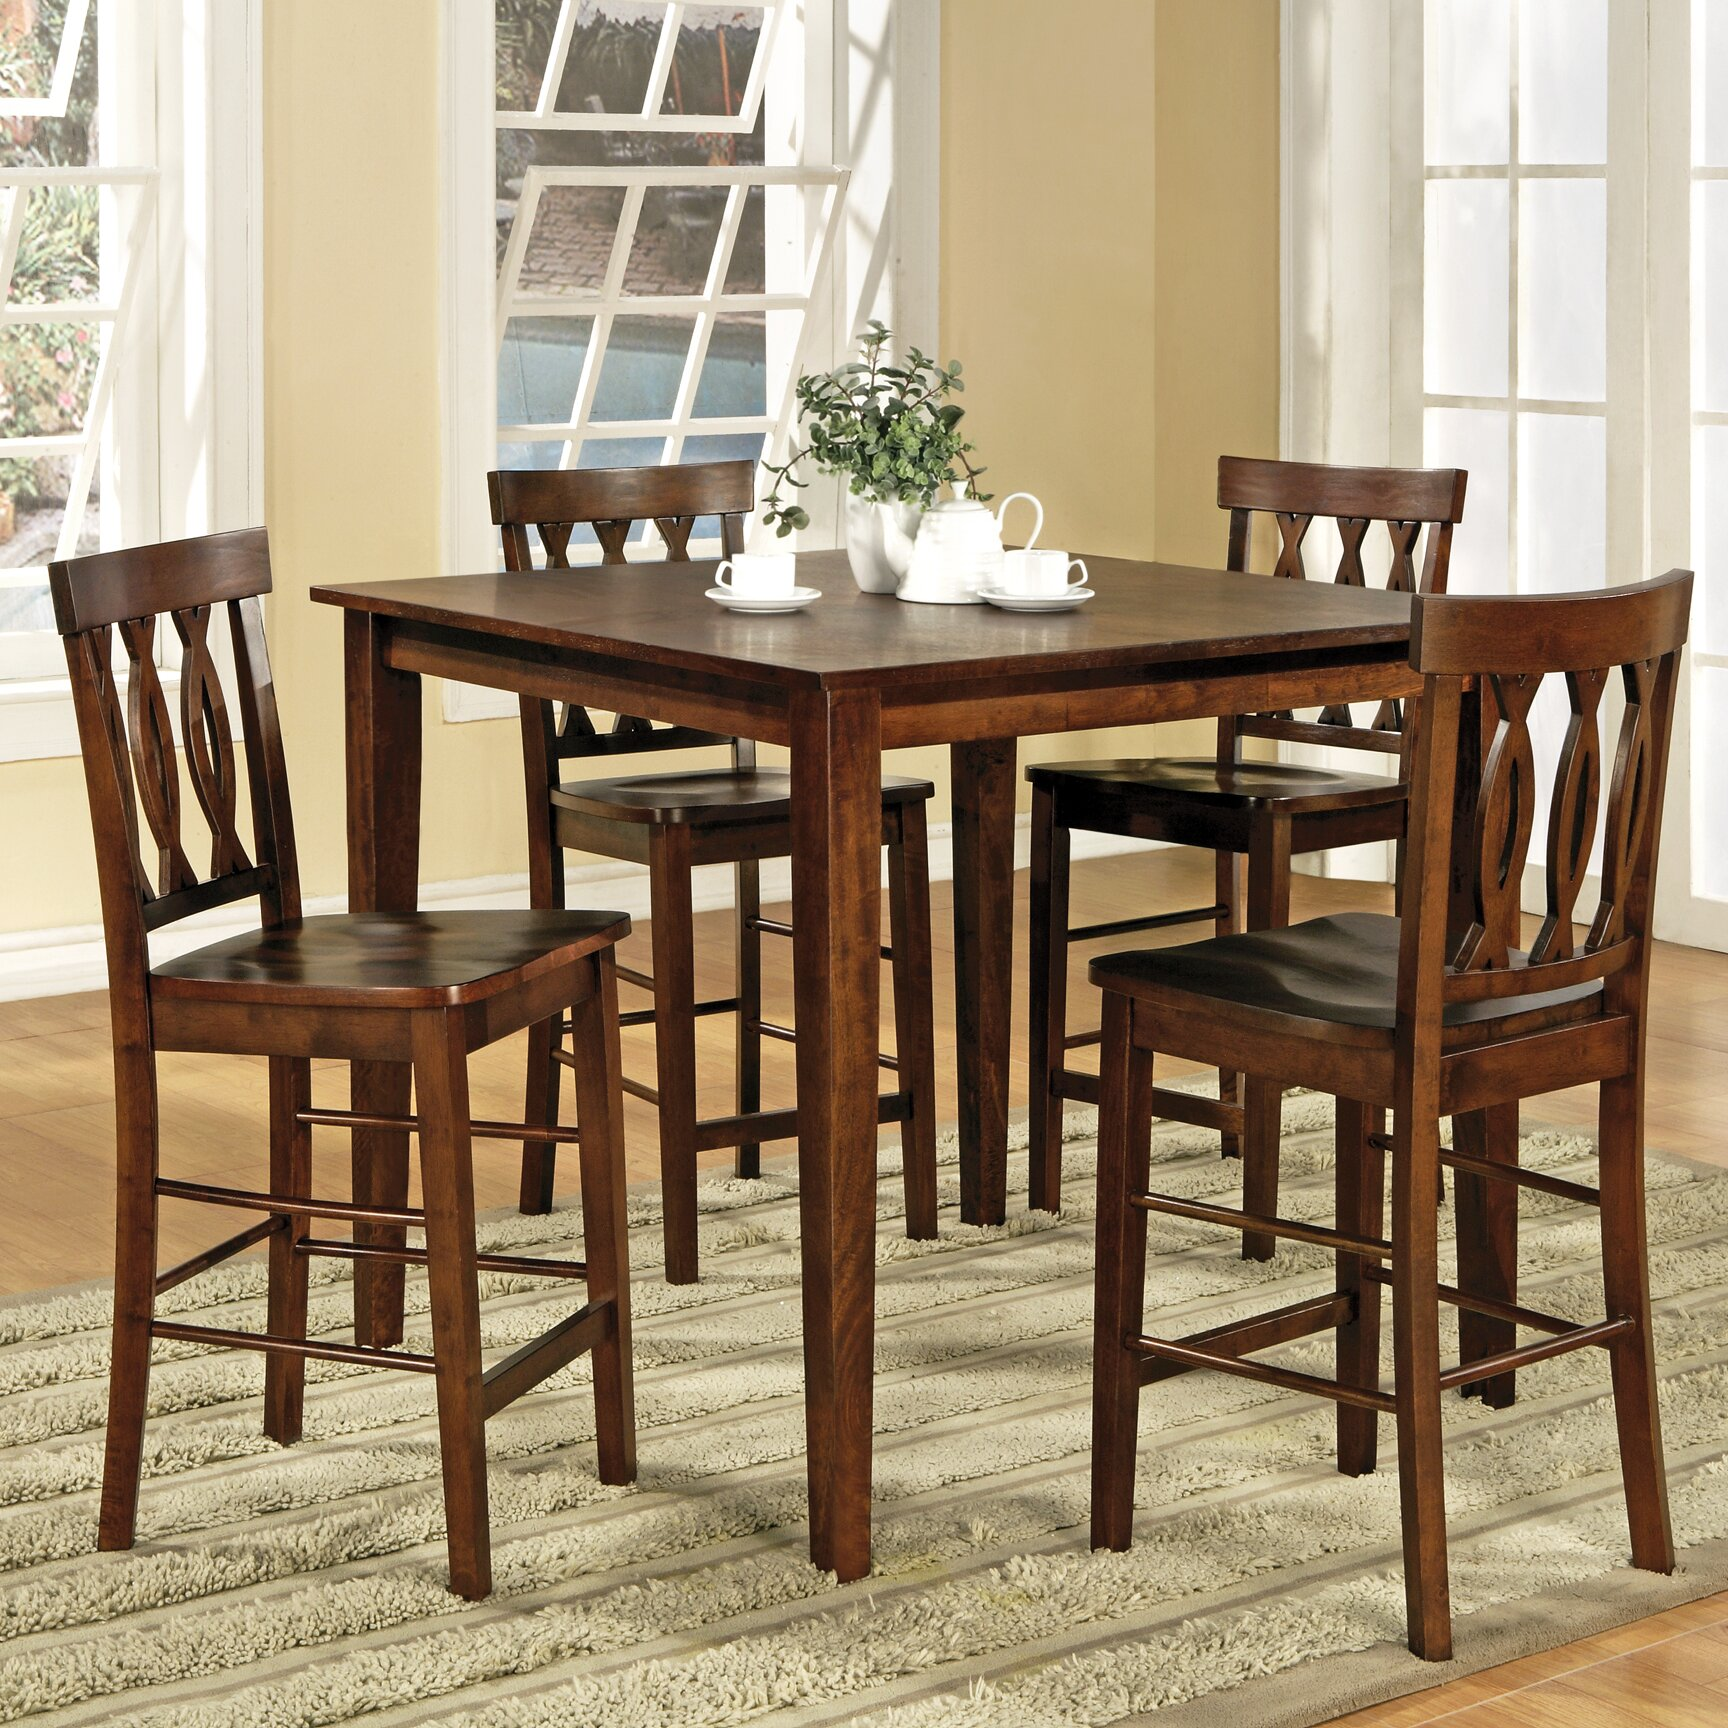 Dinning Set: Steve Silver Furniture Richmond 5 Piece Counter Height